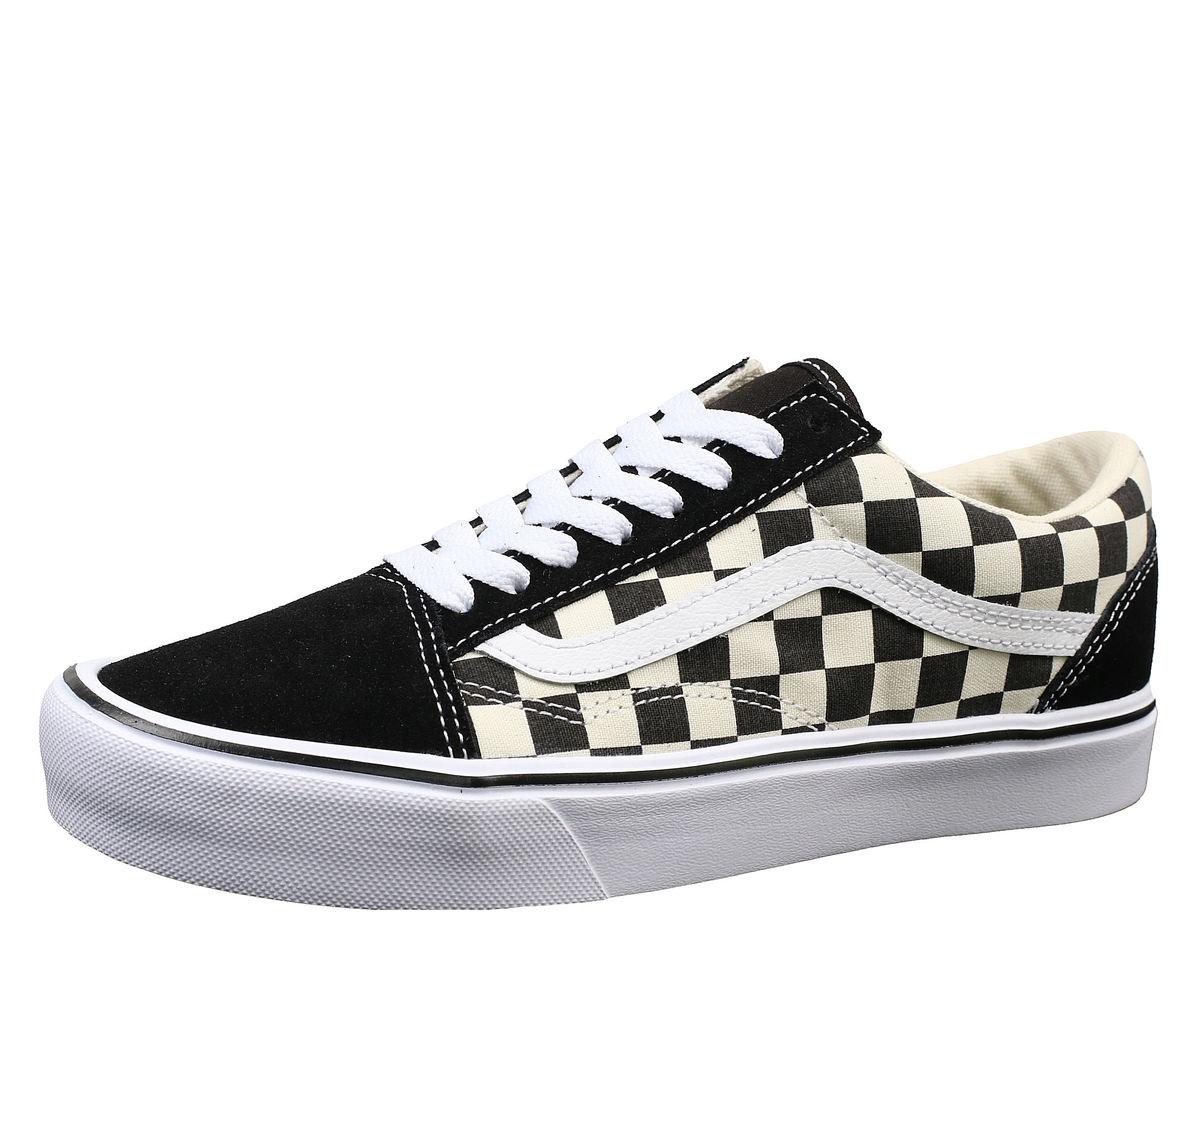 boty VANS UA OLD SKOOL LITE (Checkerboard) Black White